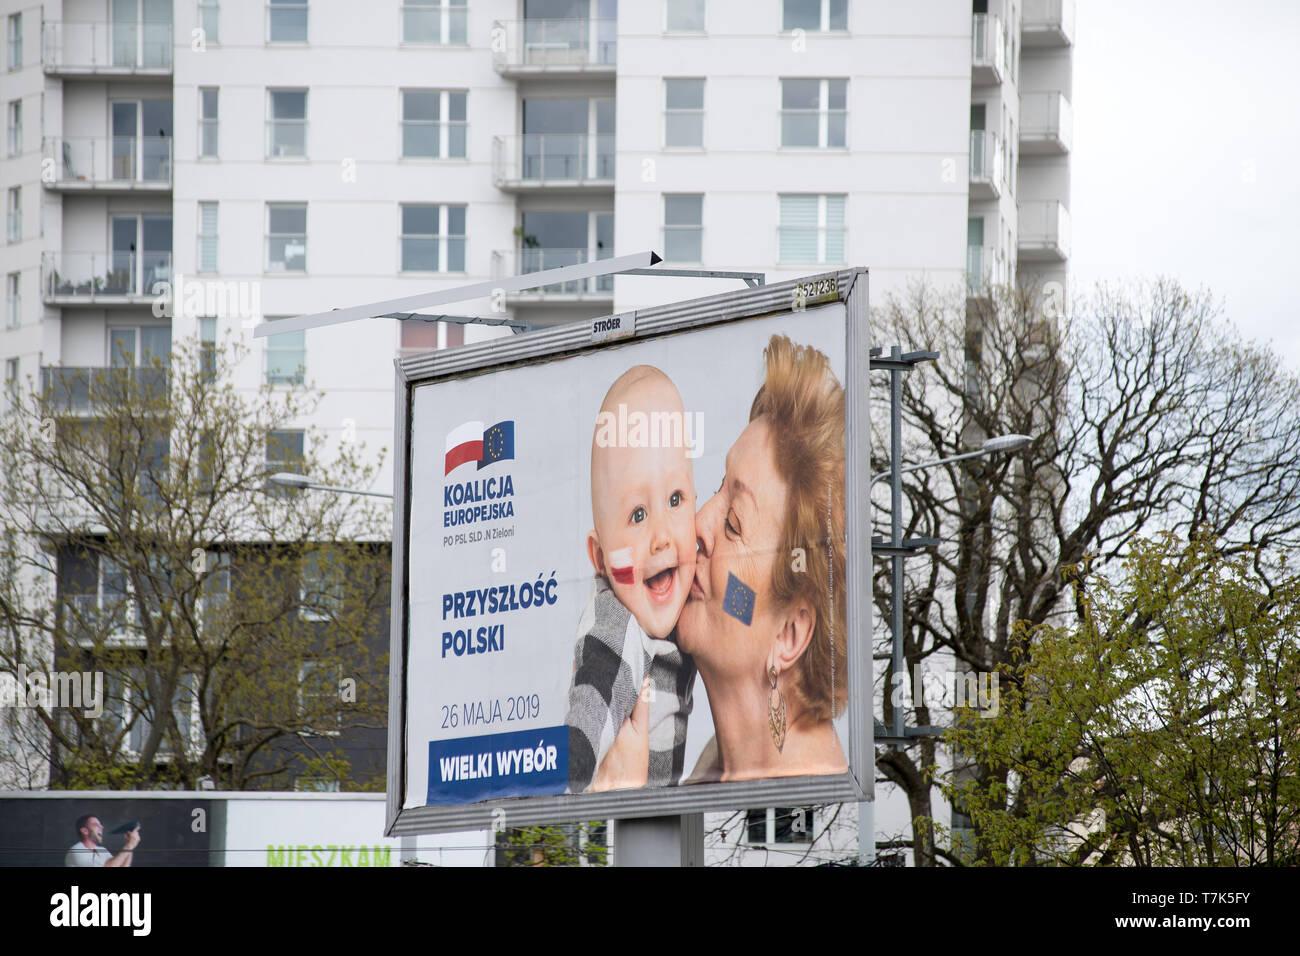 Koalicja Europejska bilboard (European Coalition) in 2019 European Parliament election campaign. Gdansk, Poland. May 4th 2019  © Wojciech Strozyk / Al - Stock Image